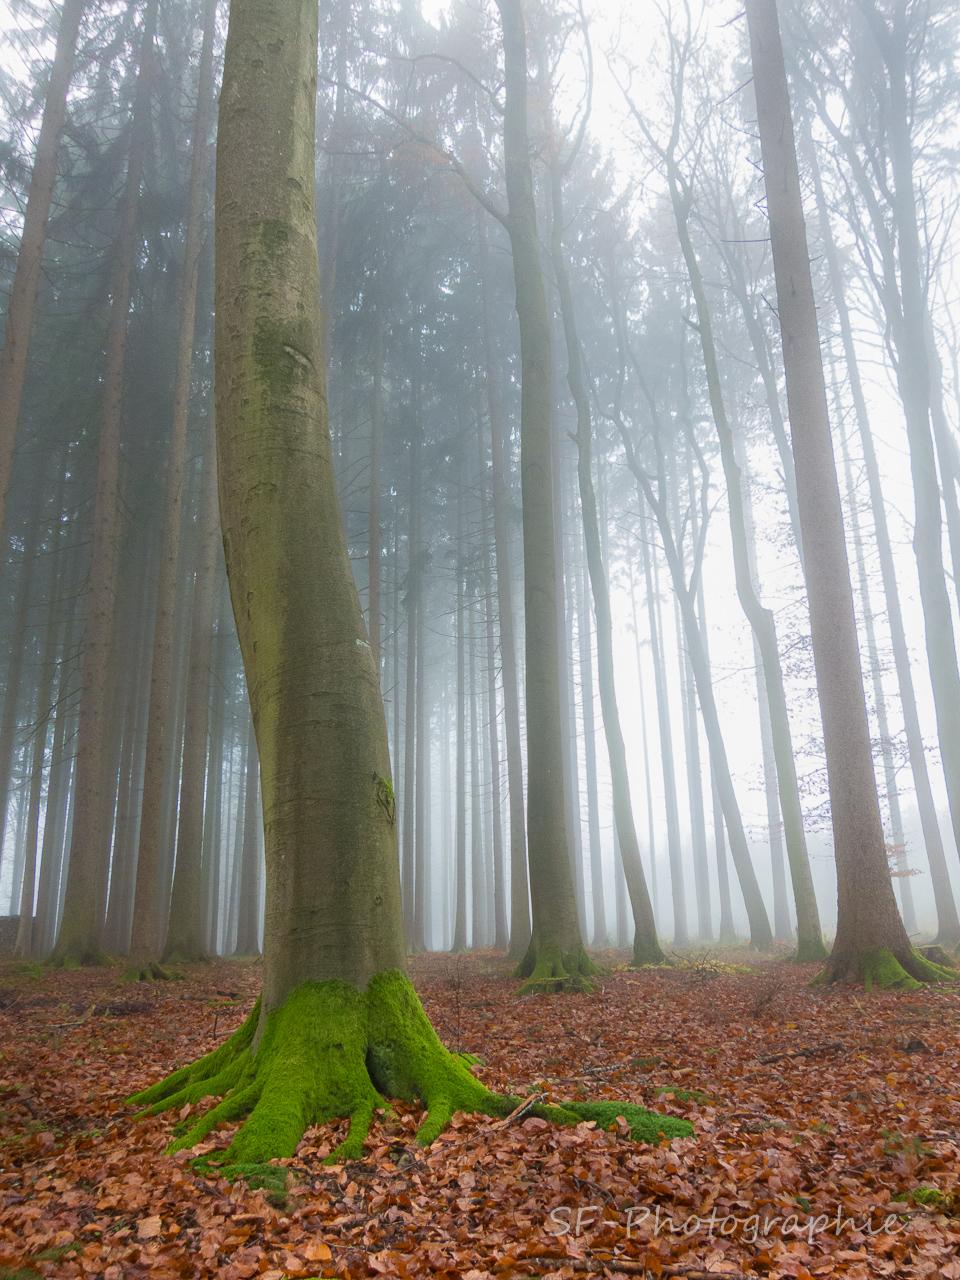 2014-11-23_15-11_0016_Alling_Germansberg